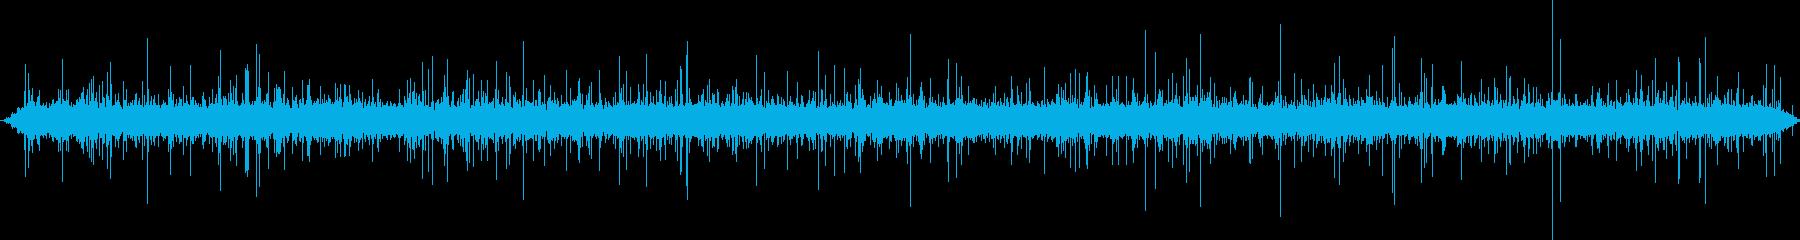 バブリングブルック:ミディアムフロ...の再生済みの波形